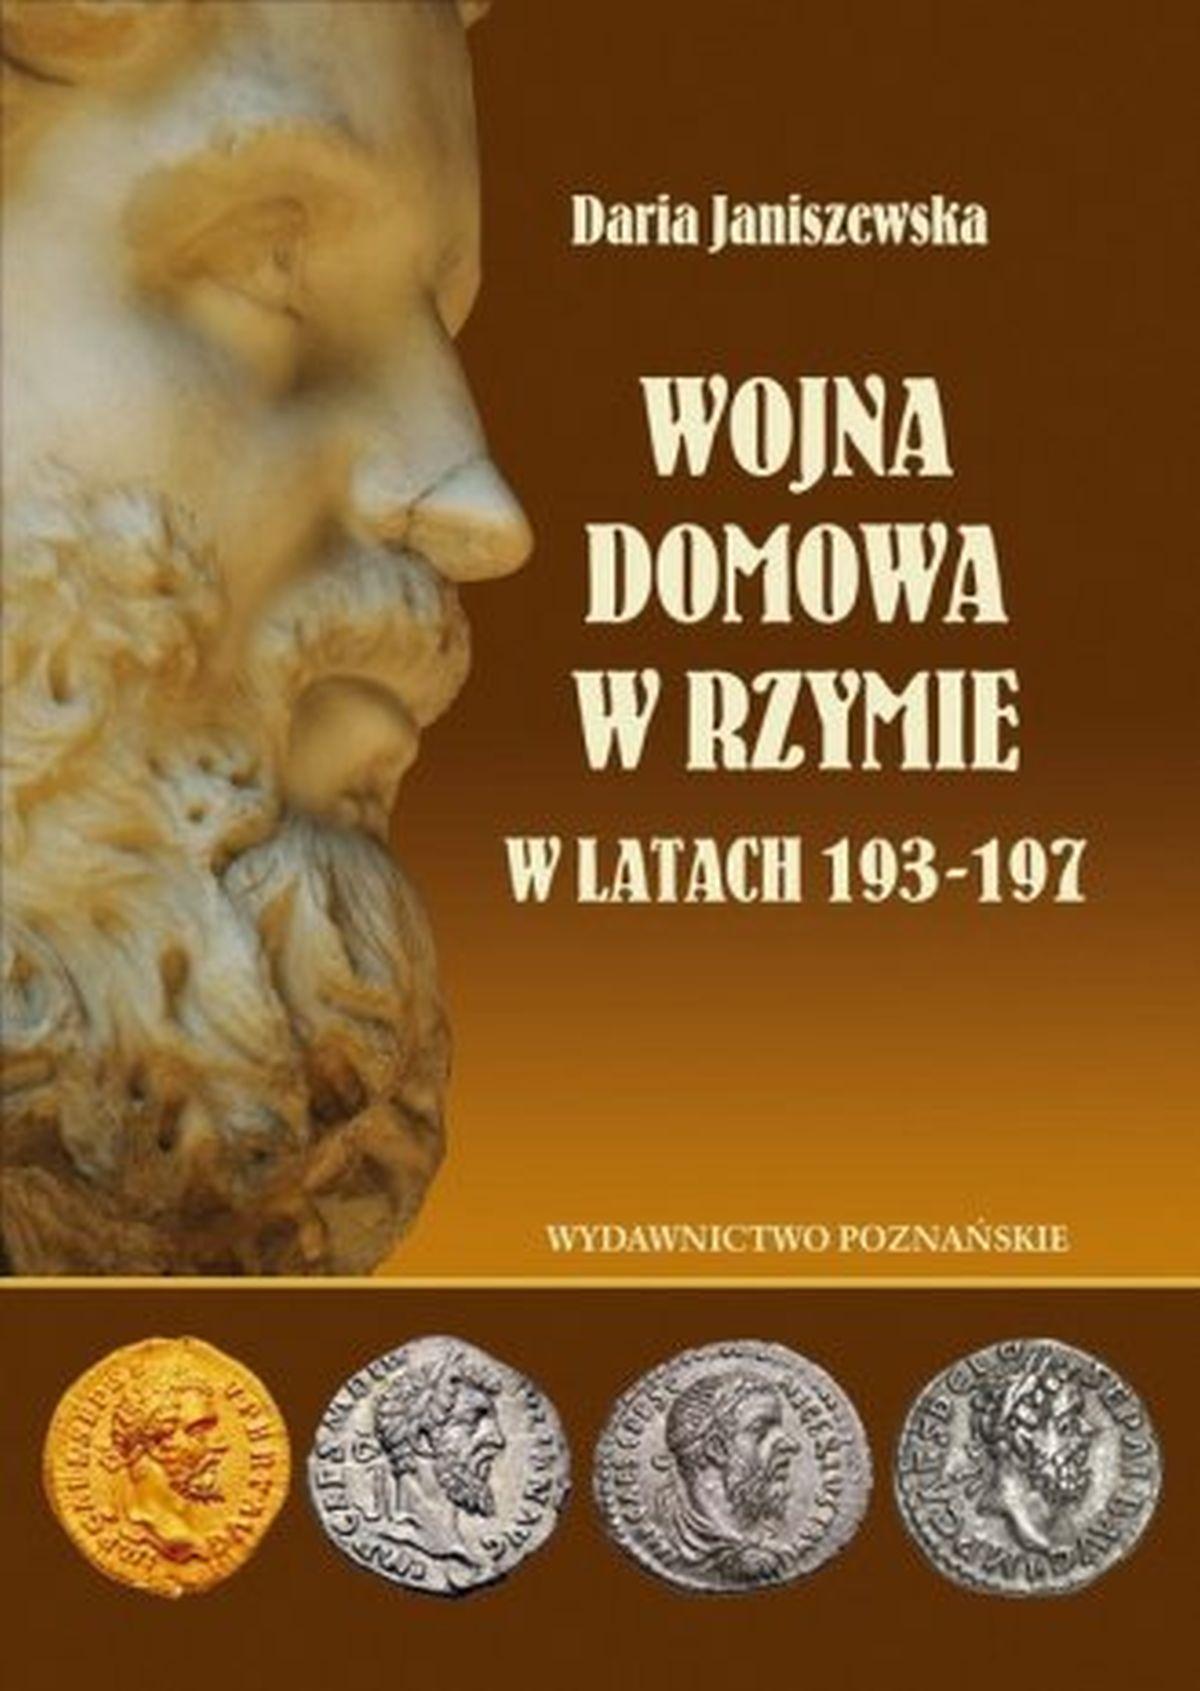 Wojna domowa w Rzymie w latach 193-197